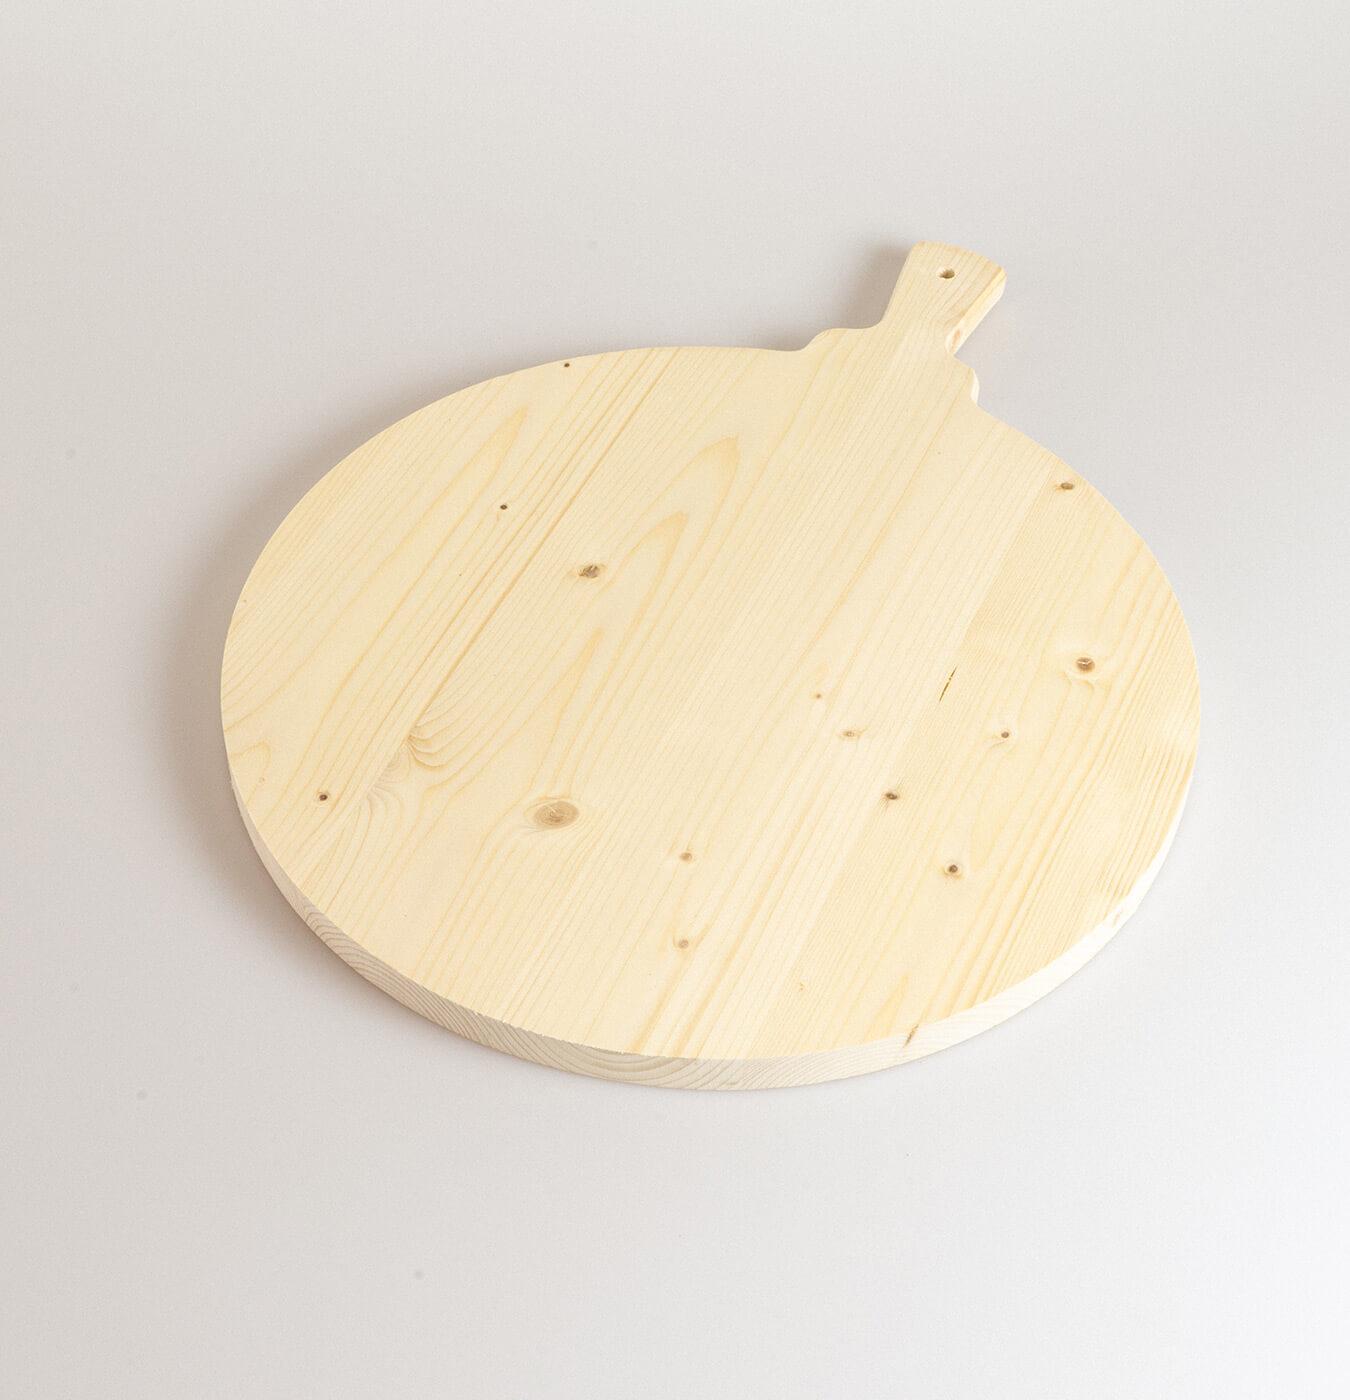 Tagliere polenta con manico diametro 40 cm in legno di abete